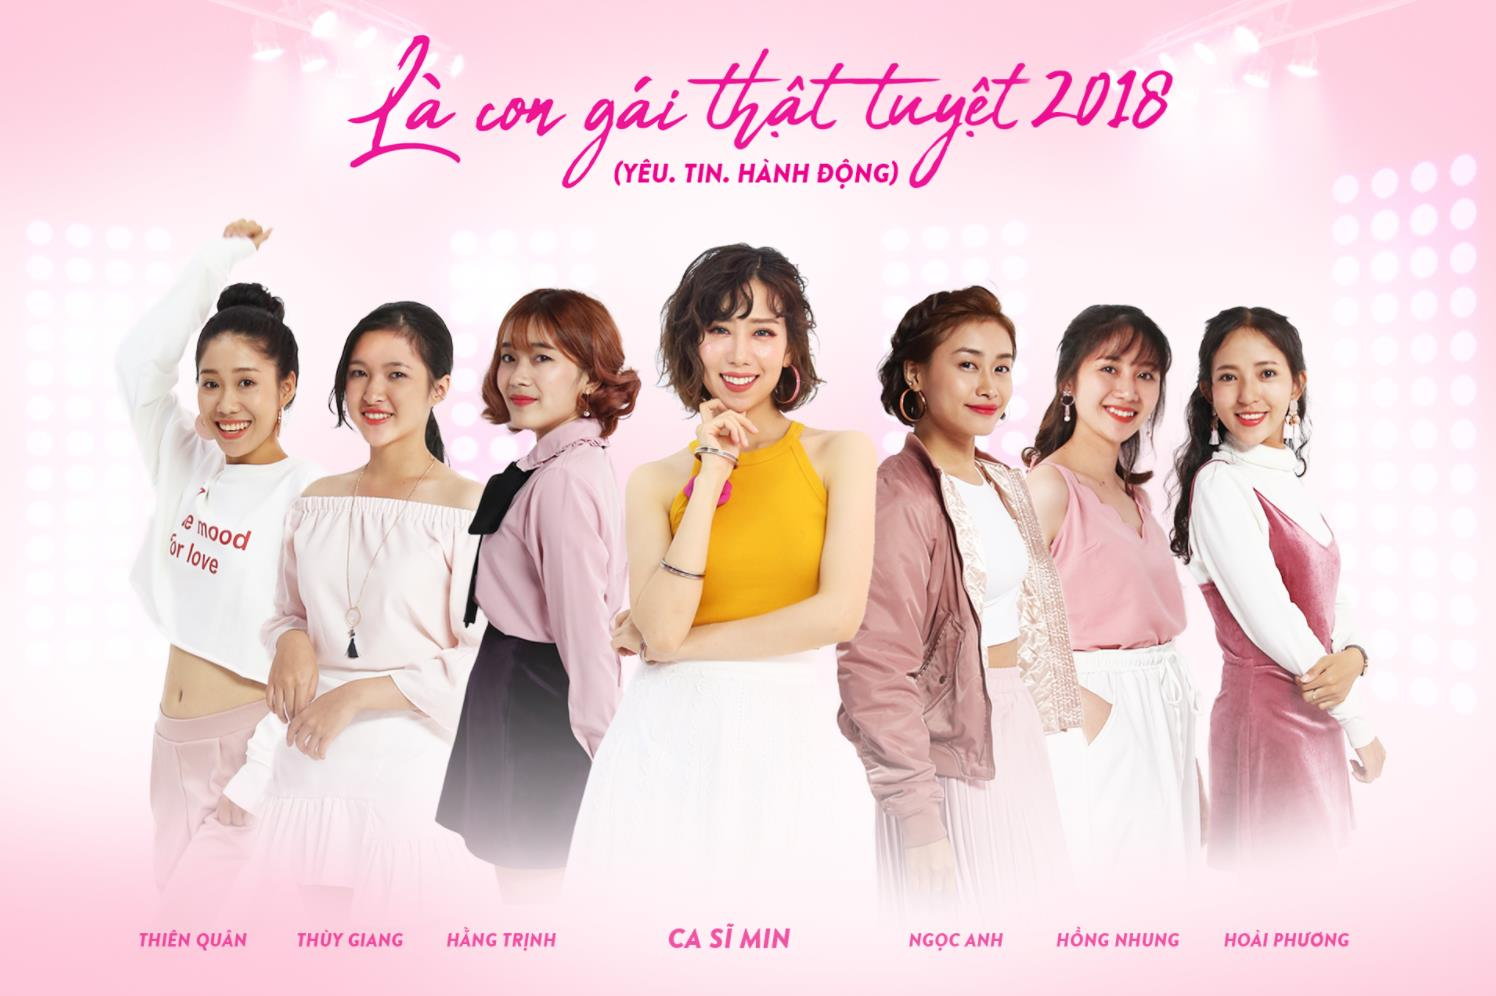 Truy tìm 6 cô gái toả sáng cùng MIN trong MV đẹp như mơ - Ảnh 1.